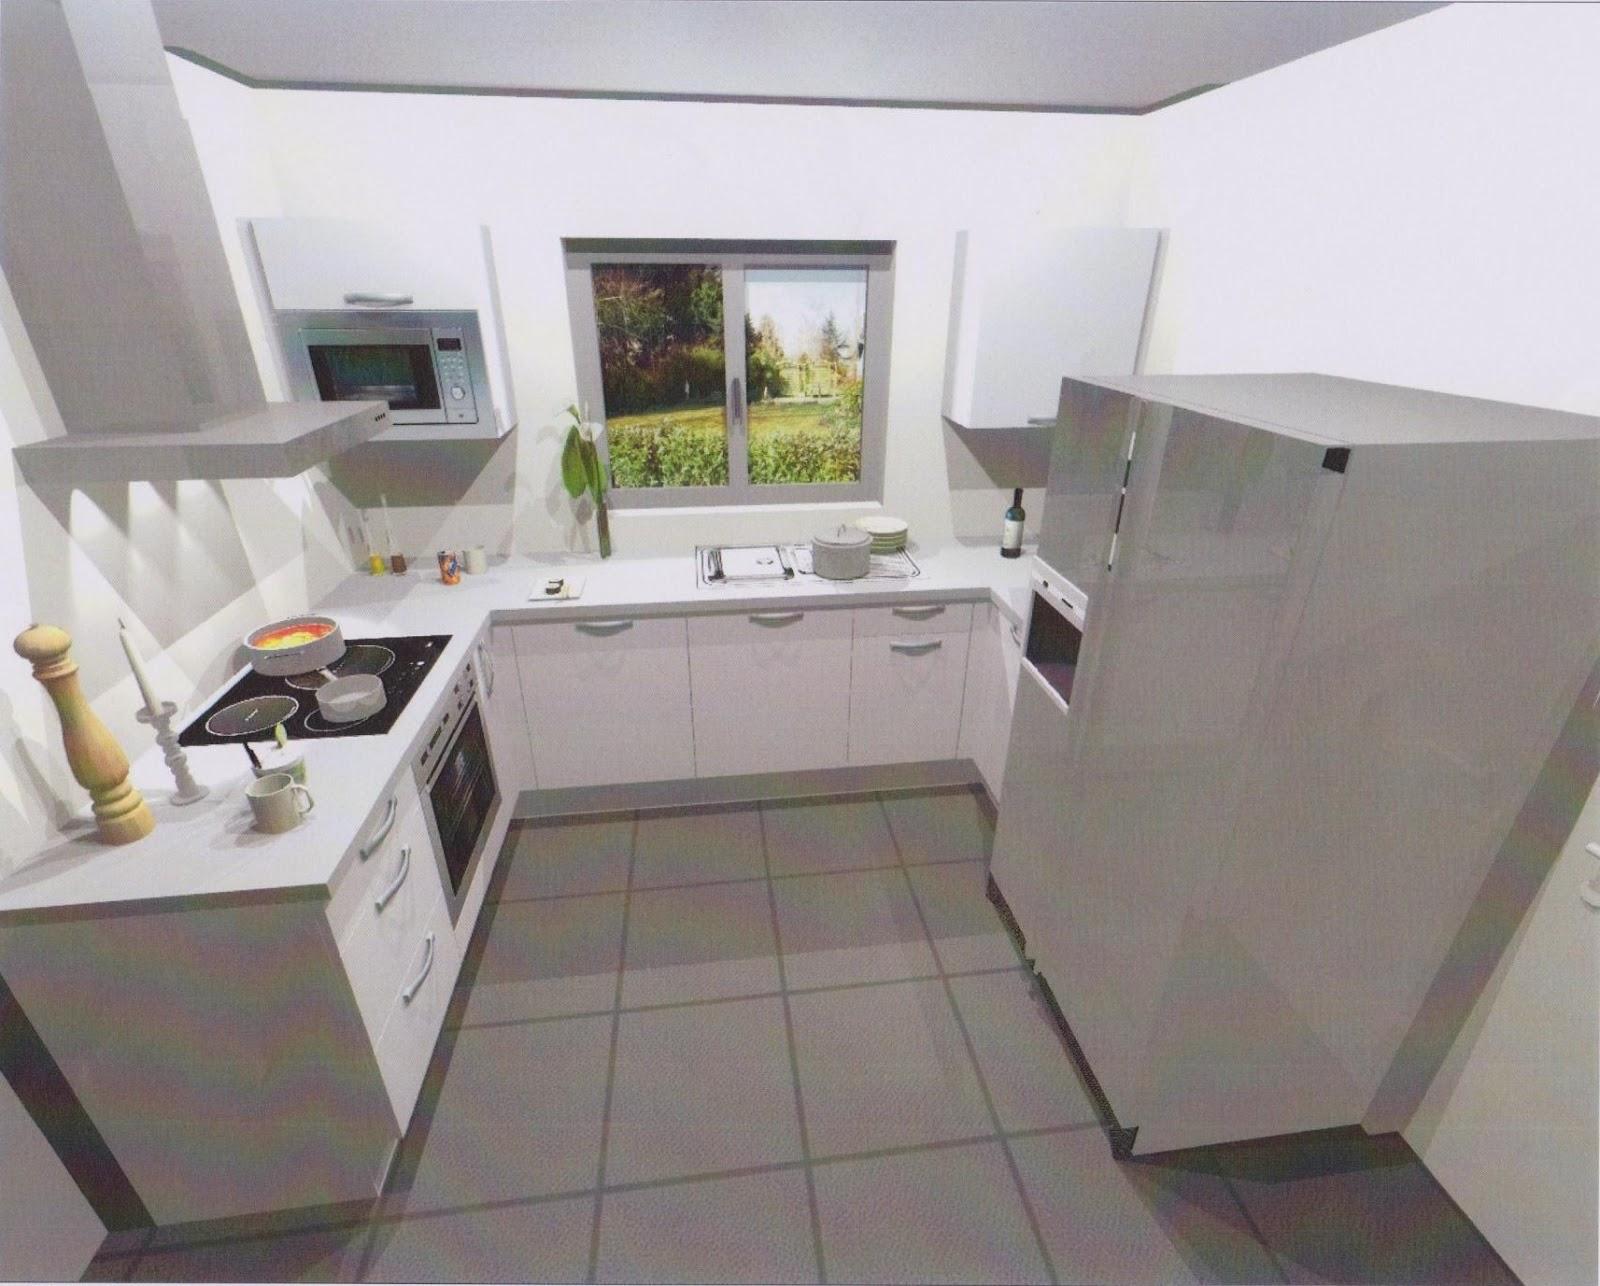 Notre projet de construction bbc avec villa et maison de france instant d co - Cuisine en u avec fenetre ...